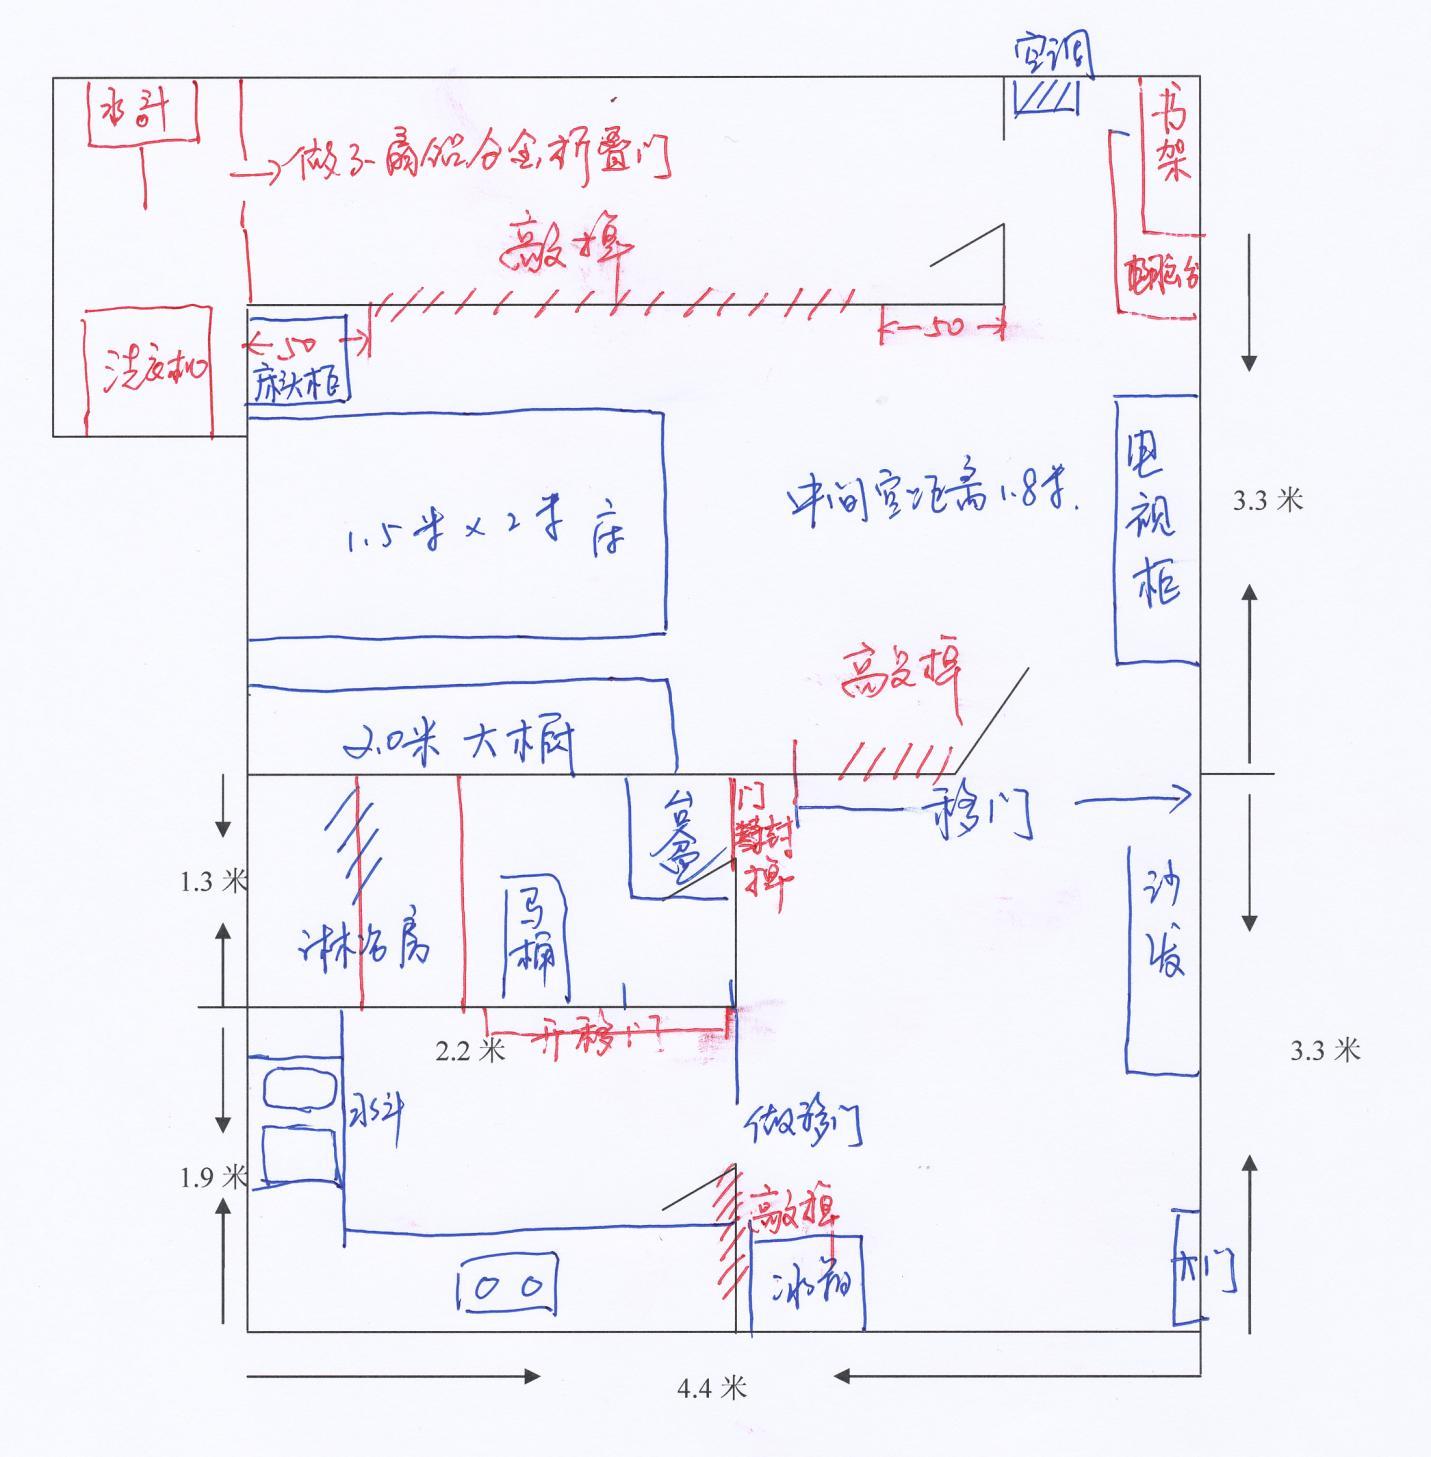 pwm模拟日出调光电路